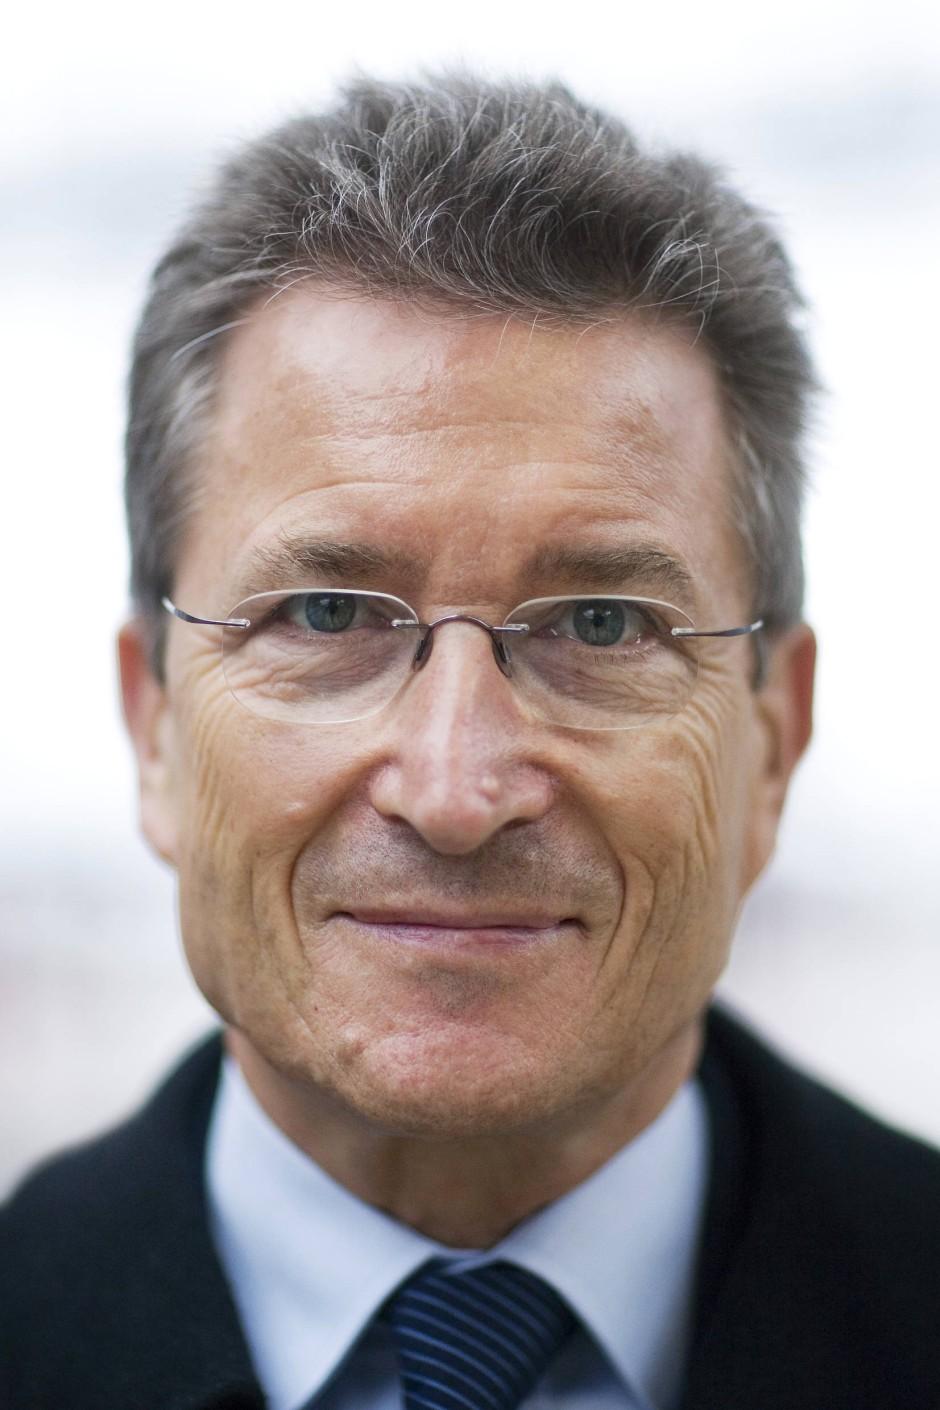 Professor Dr. Wolfgang Huber bekleidete von 1994 bis 2009 das Amt des Bischofs der Evangelischen Kirche Berlin-Brandenburg-schlesische Oberlausitz, von 2003 bis 2009 war er auch Vorsitzender des Rats der Evangelischen Kirche in Deutschland (EKD). Dem im Jahr 2001 gegründeten Deutschen Ethikrat gehörte Huber bis zu der Übernahme des Ratsvorsitzes an.